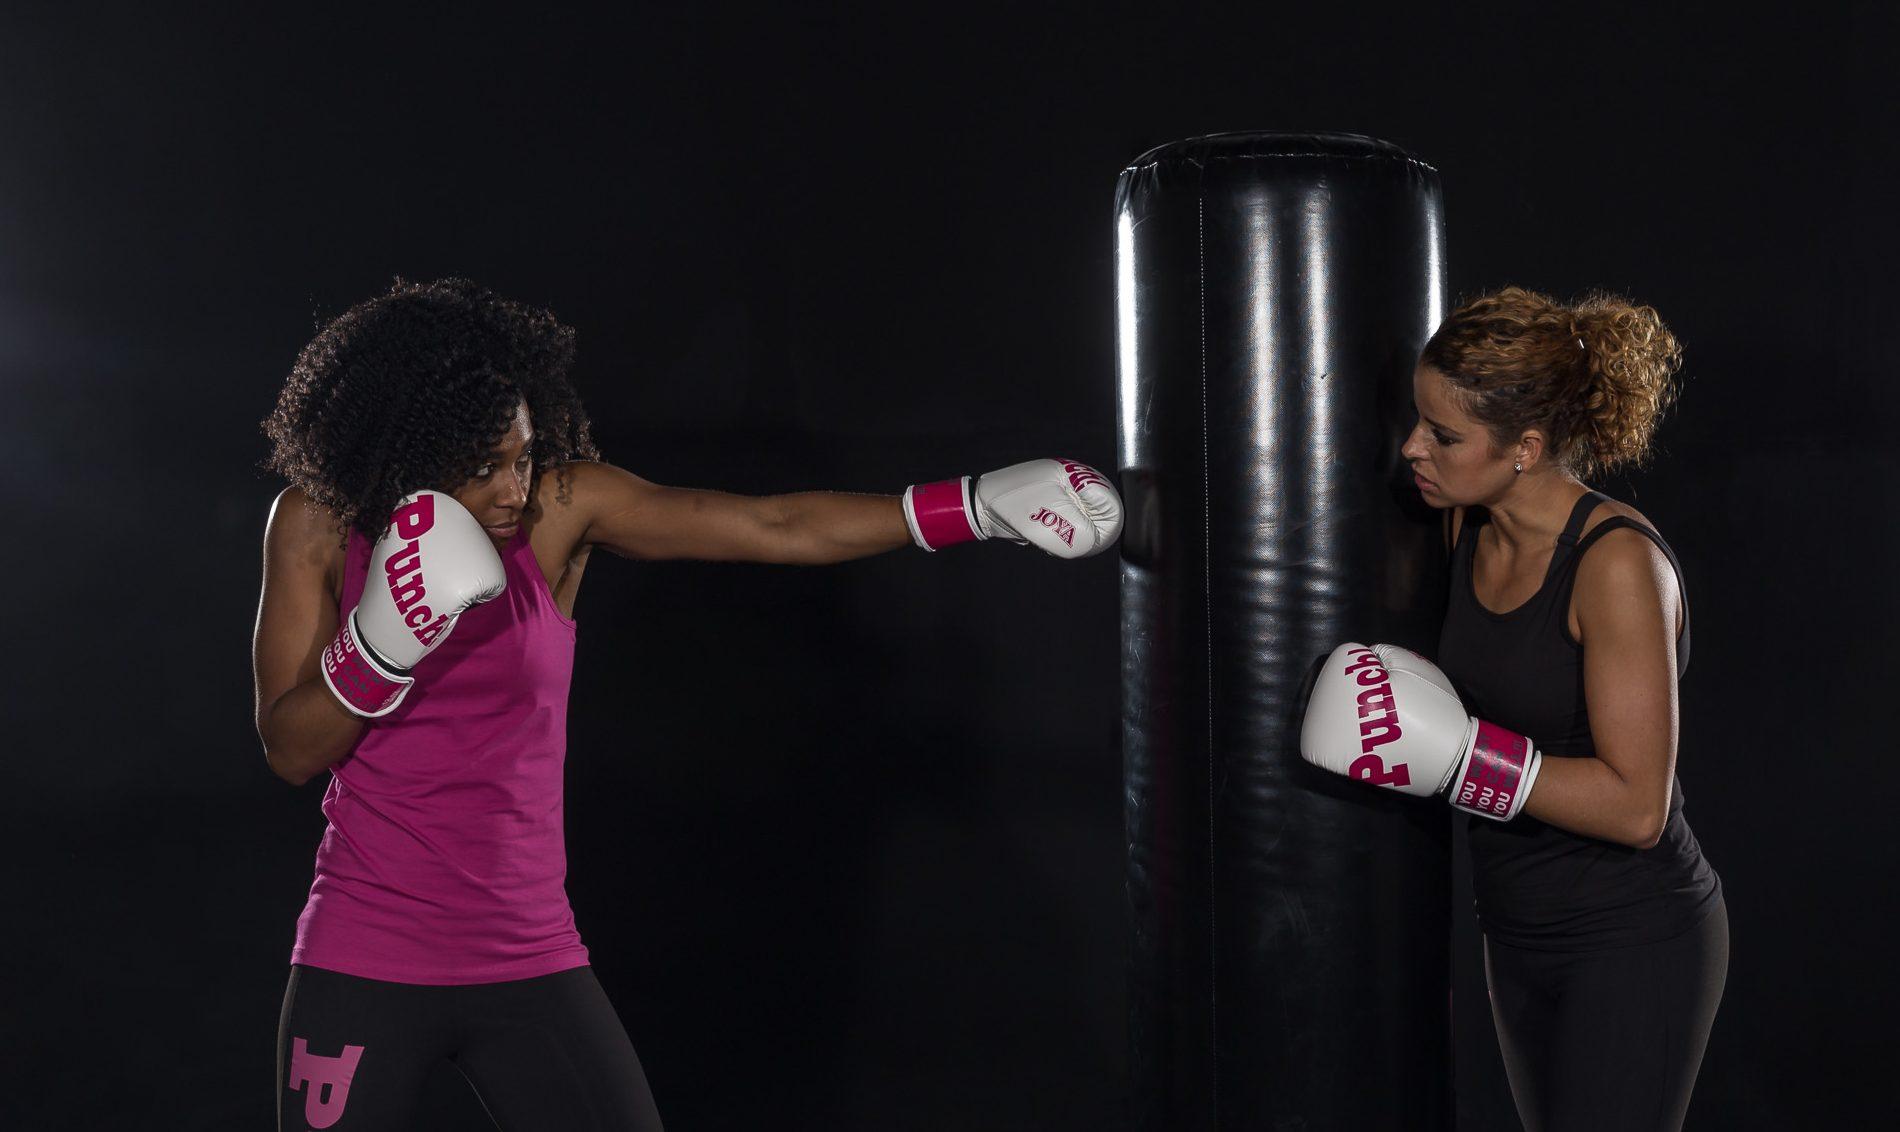 Girlsss Punch!